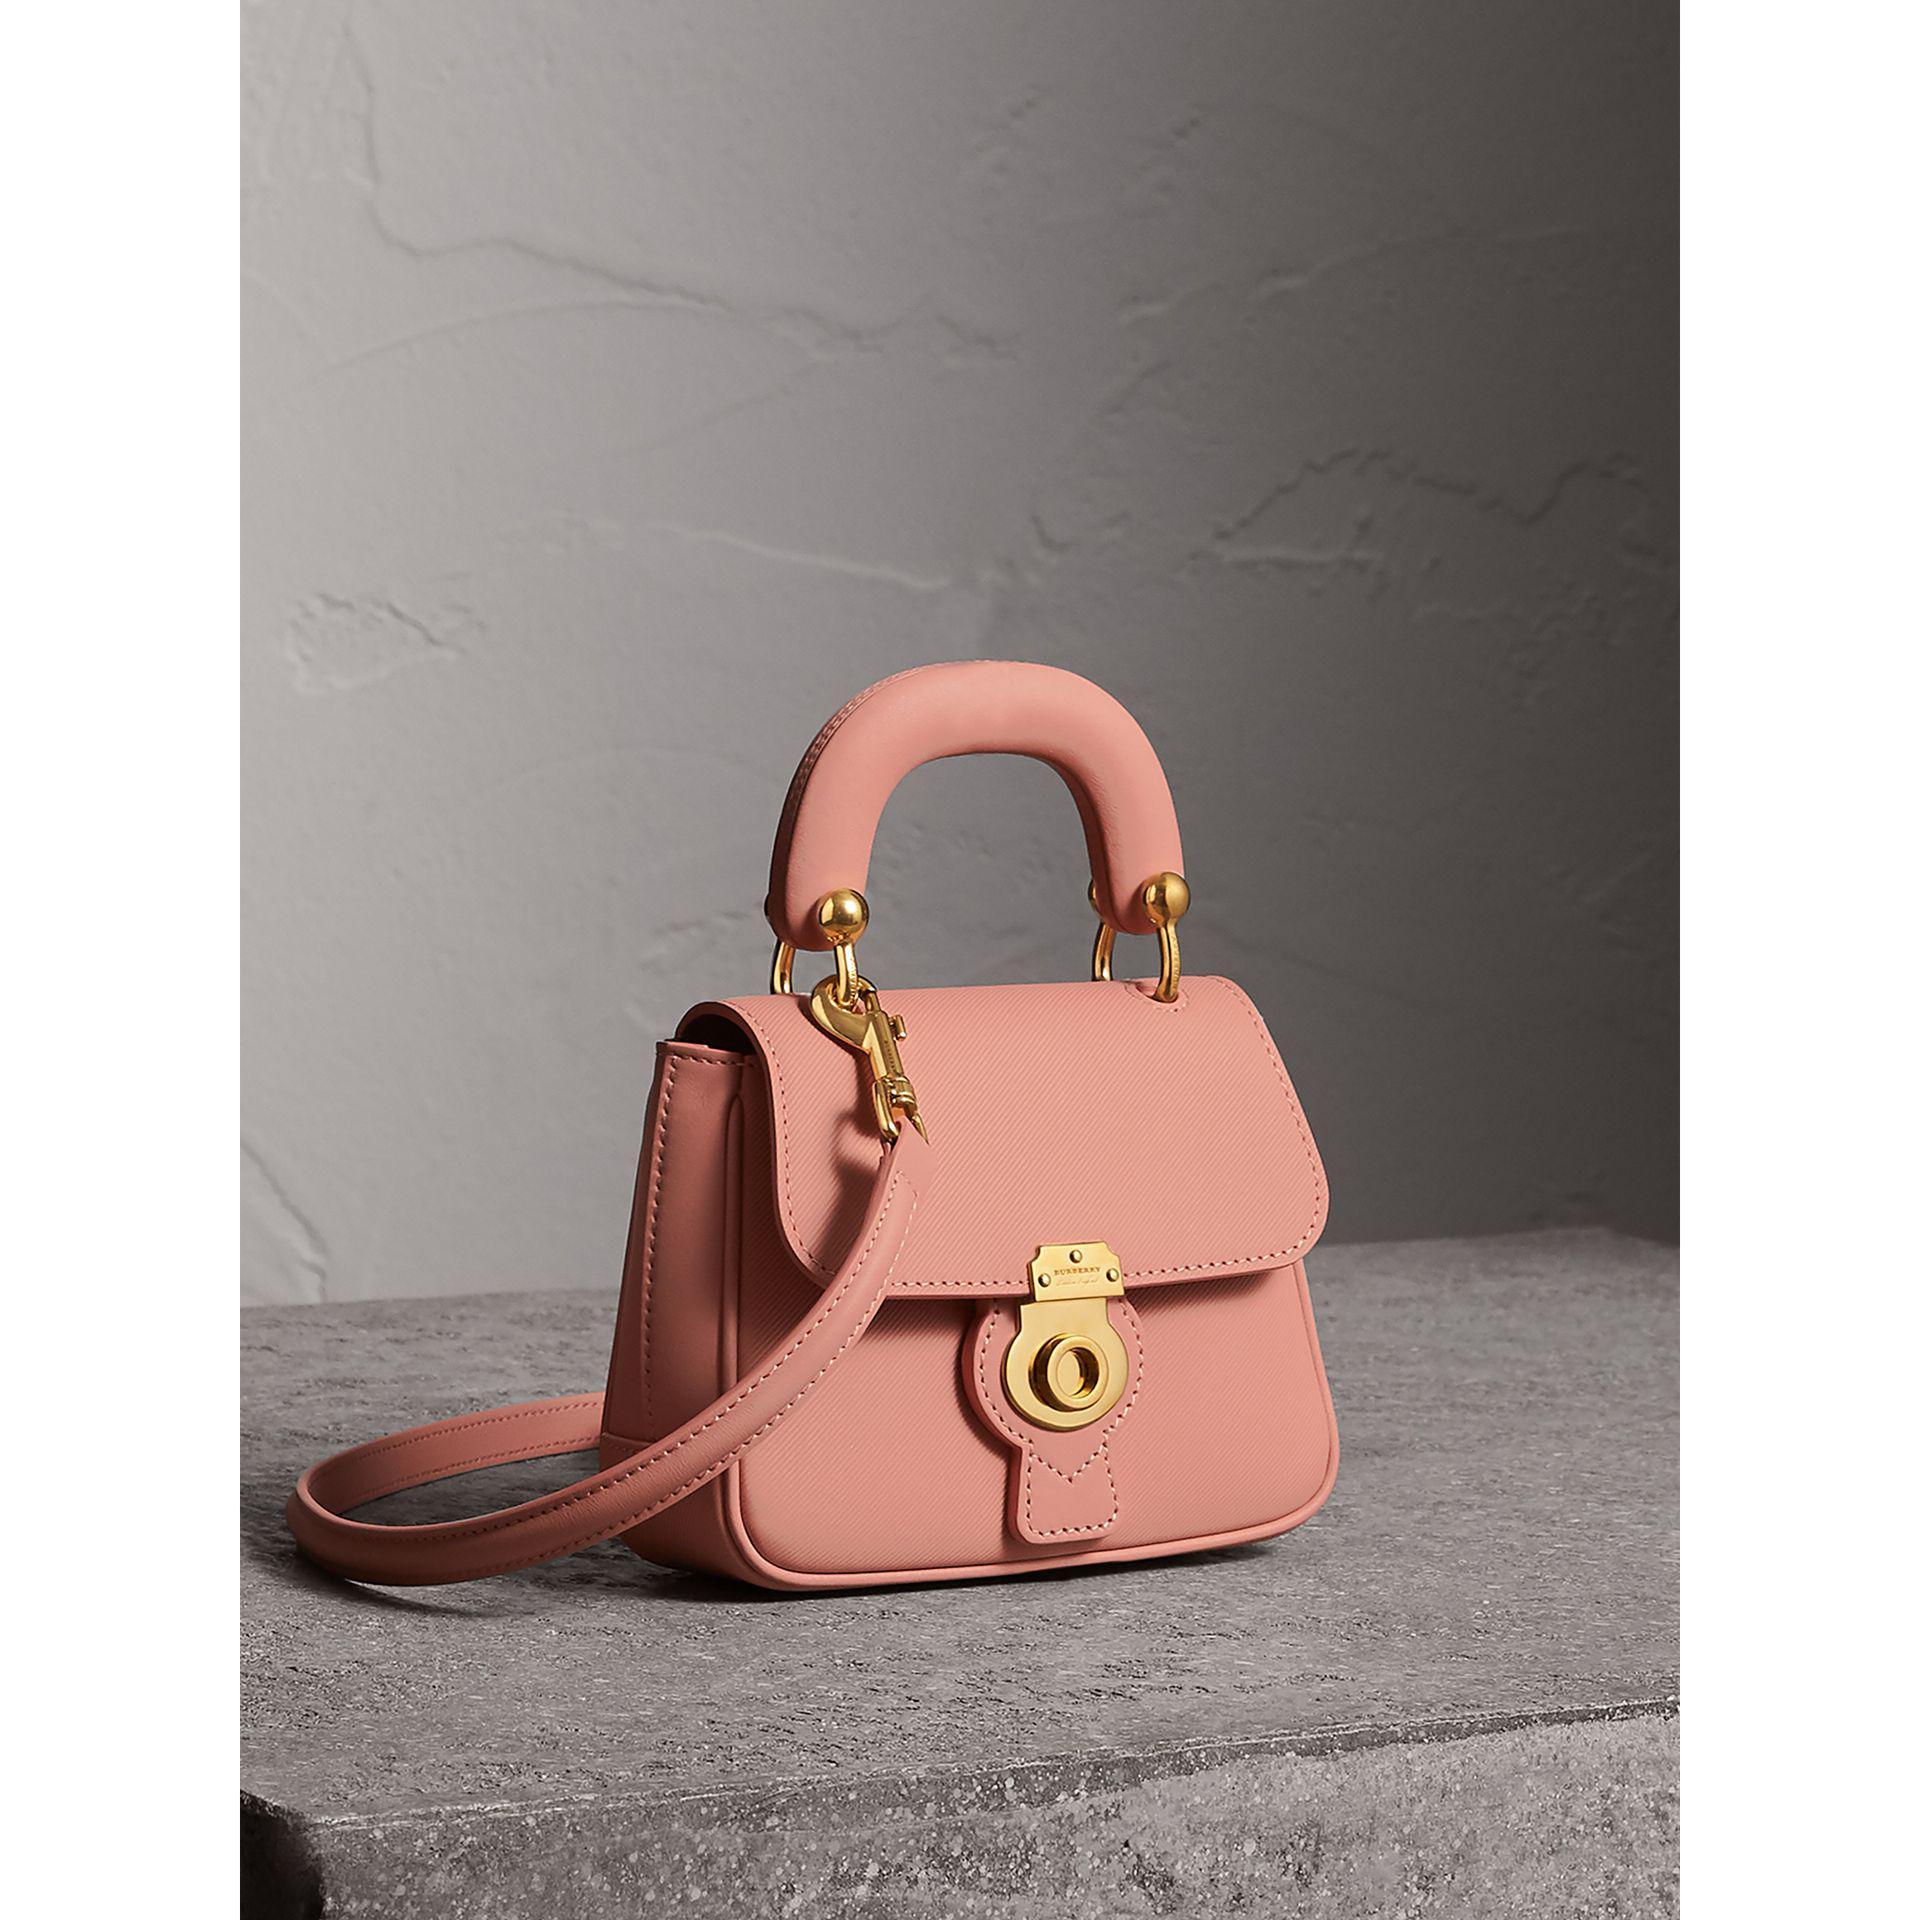 Burberry The Mini Dk88 Top Handle Bag In Ash Rose  e74e4019ac5a1